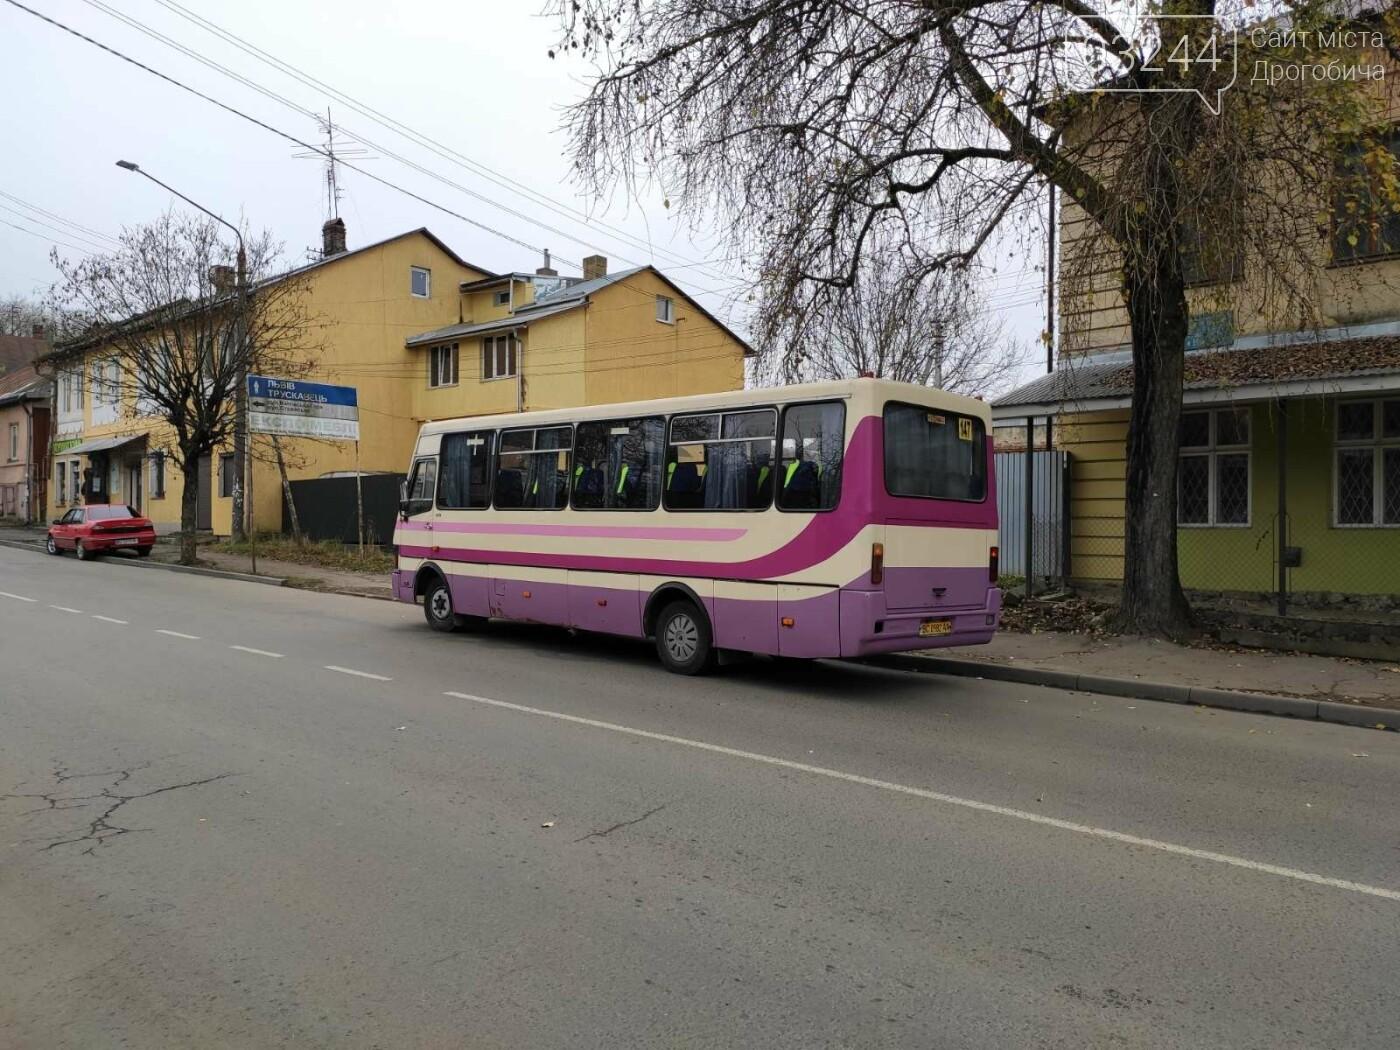 В останнє переходила дорогу – у Дрогобичі водій автобуса збив дев'ятикласницю, фото-4